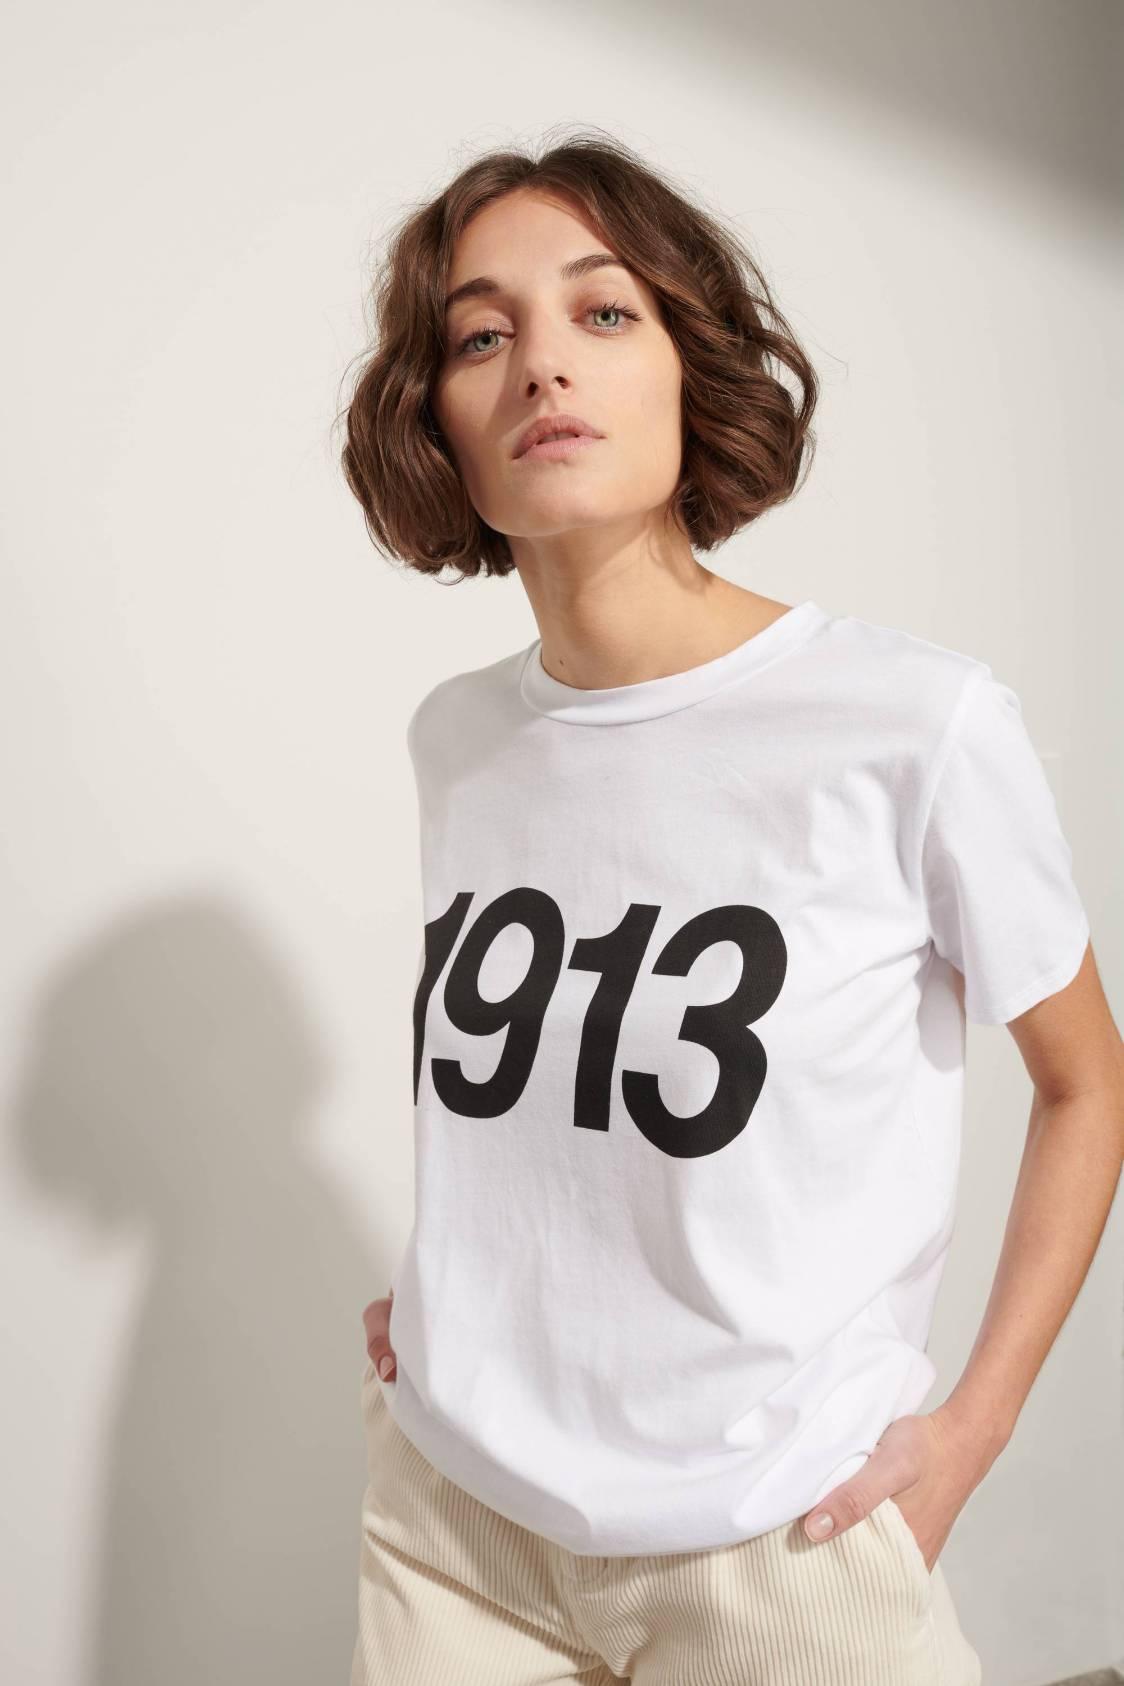 1913 T-Shirt